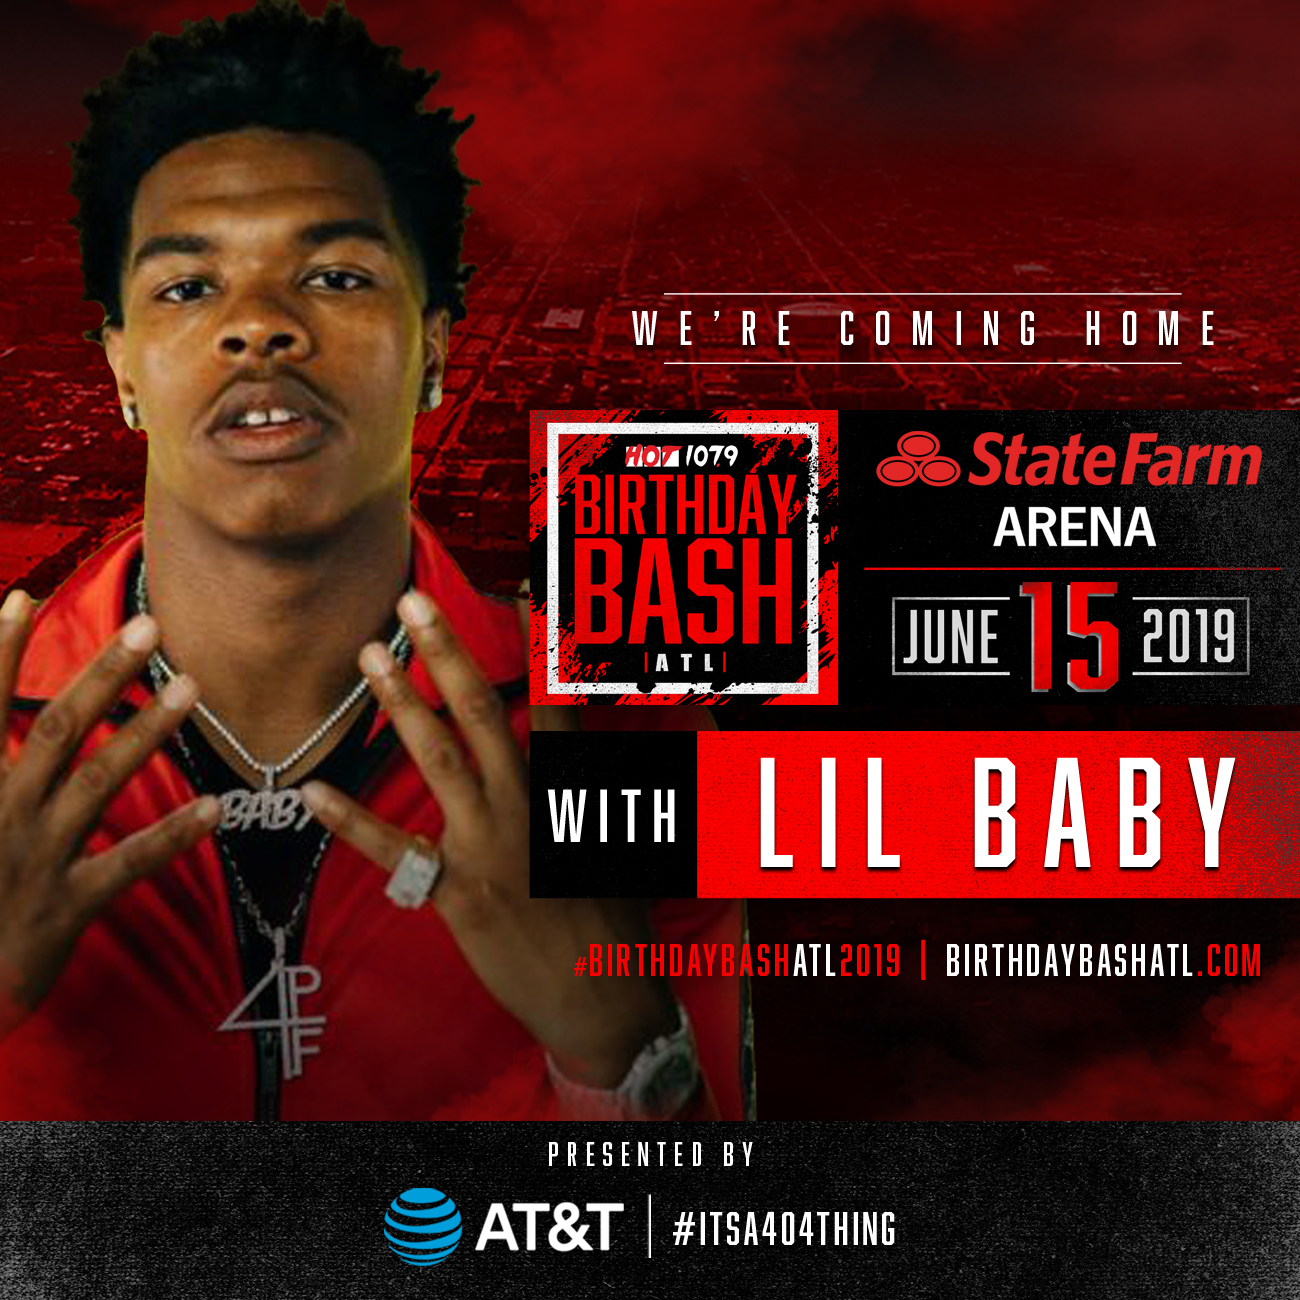 Birthday Bash ATL 2019